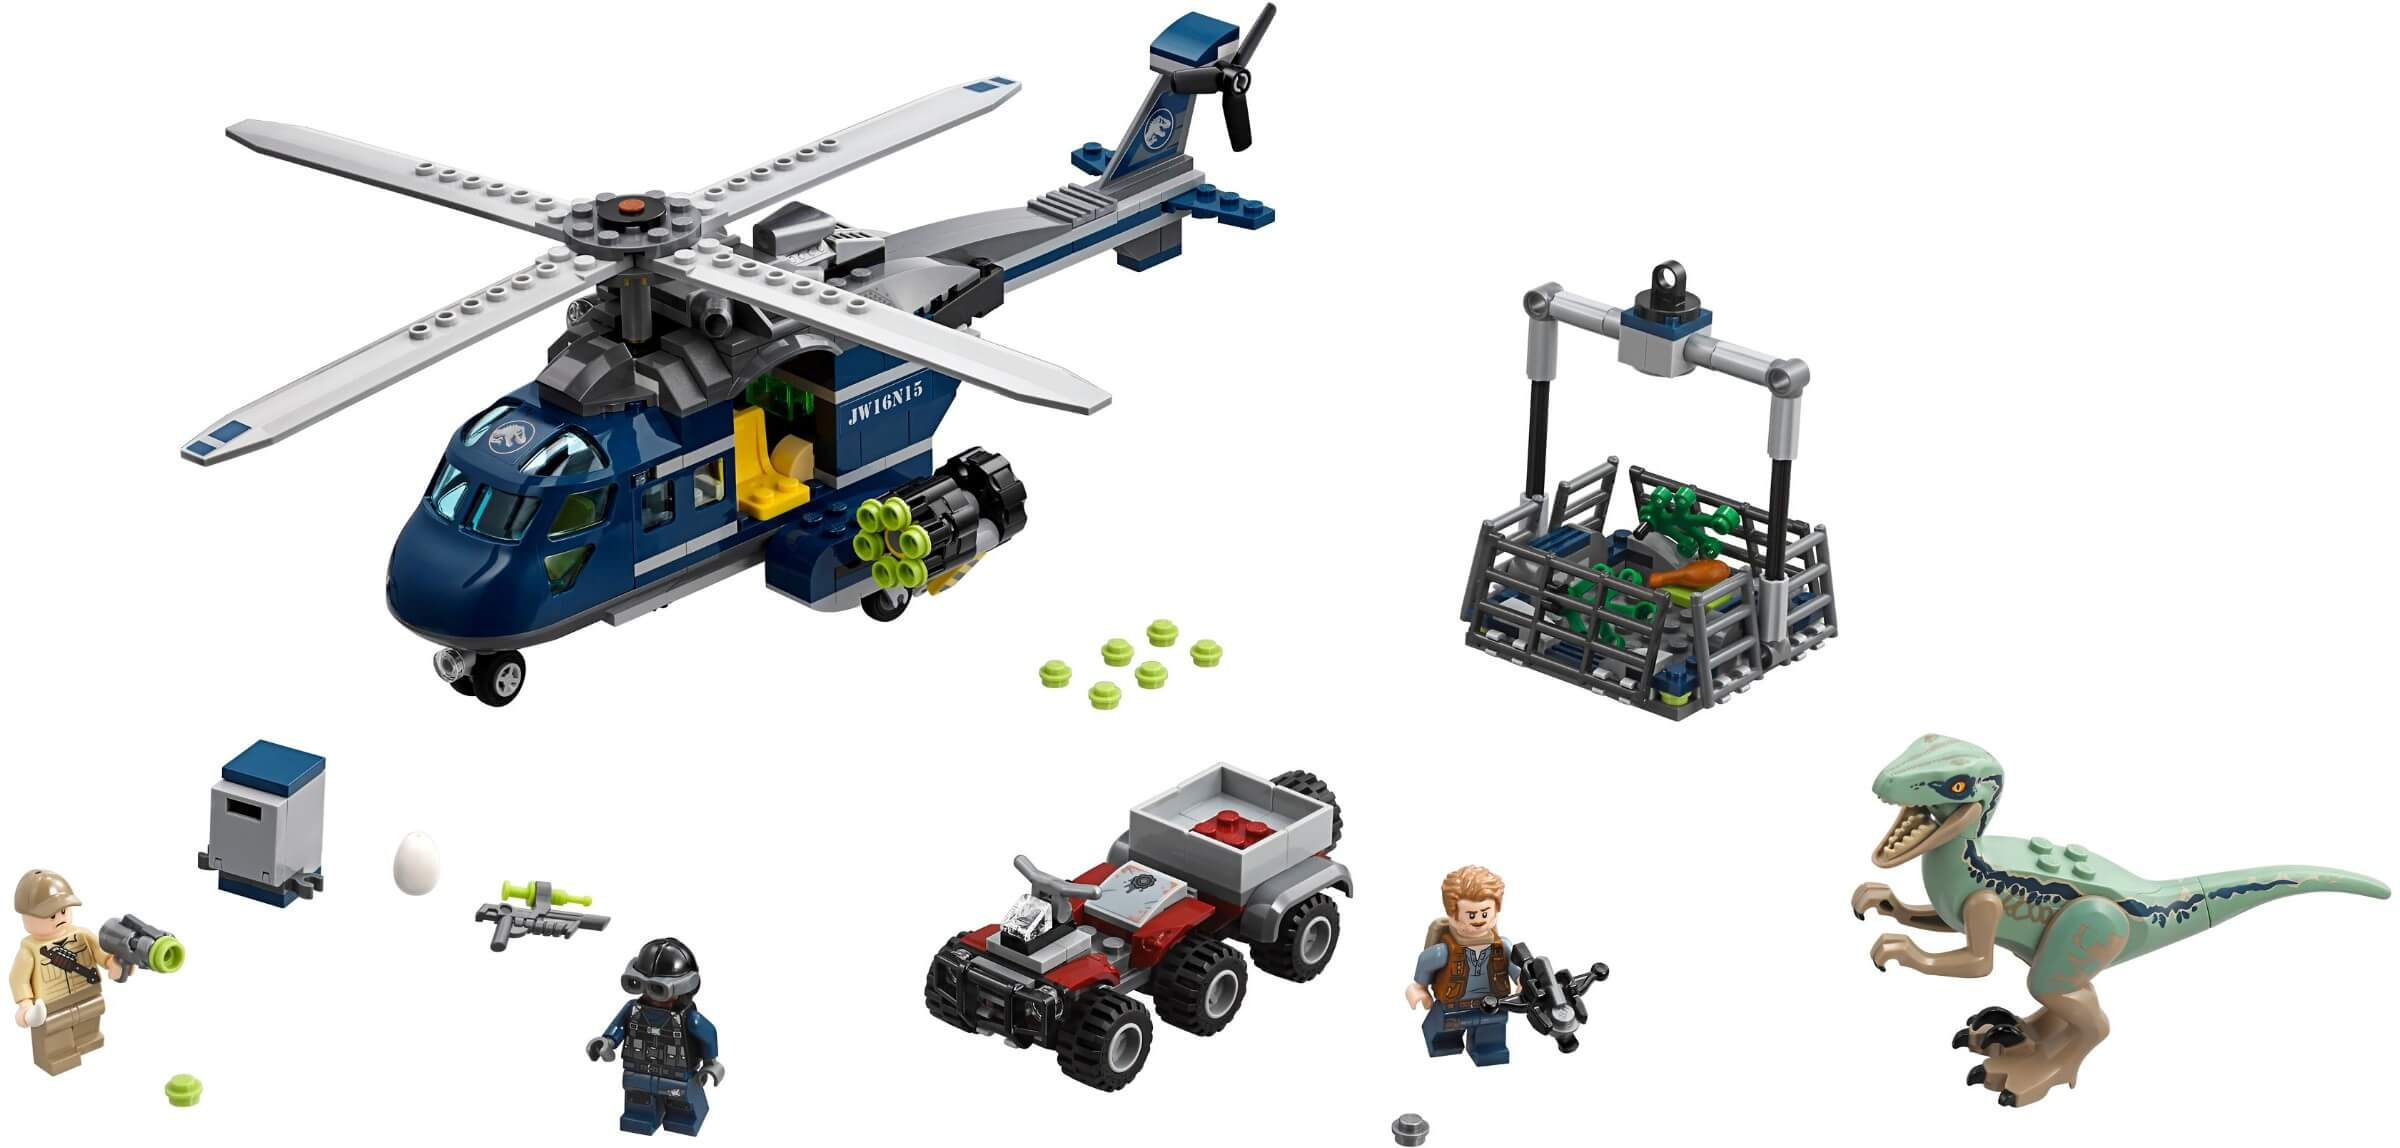 Mua đồ chơi LEGO 75928 - LEGO Khủng Long Jurassic World 75928 - Trực thăng truy bắt Khủng Long Săn Mồi Raptor (LEGO 75928 Blue's Helicopter Pursuit)